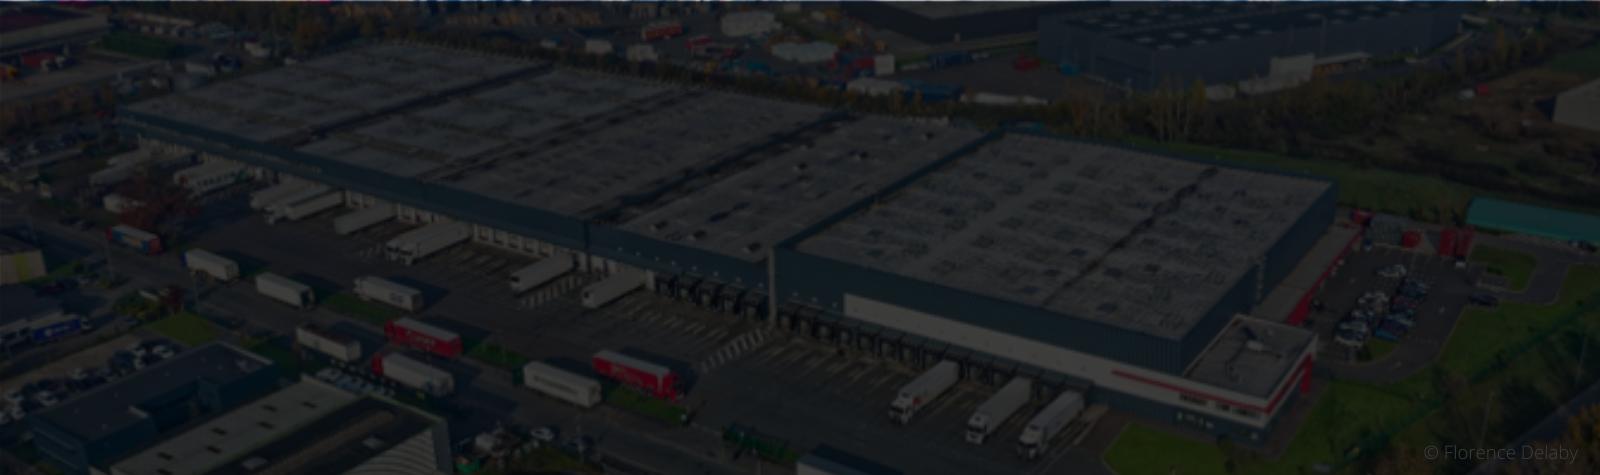 Hines acquiert auprès d'Auchan 350 000 m2 de plates-formes logistiques en France